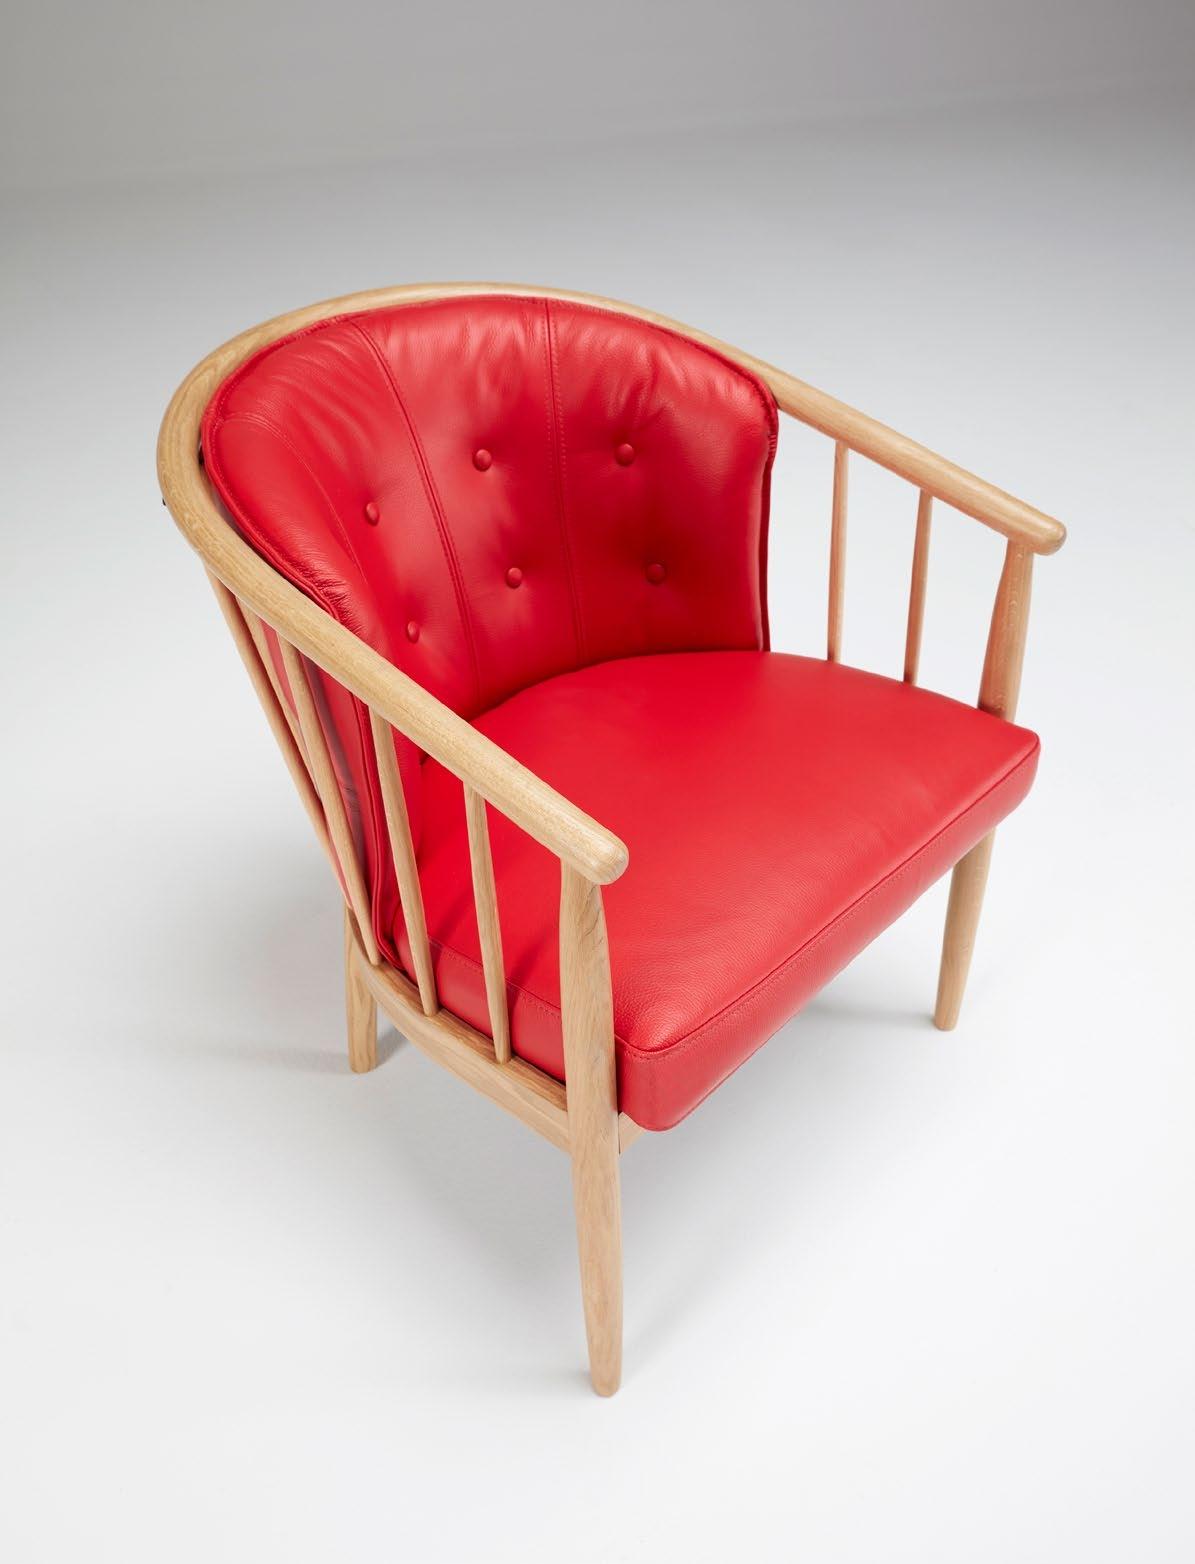 Sillón Anna - El fabricante danés Kragelund crea asientos con una gran comodidad y un aspecto distintivo. Los sillones de Kragelund, con su encanto escandinavo, están hechos para sentirse bien.